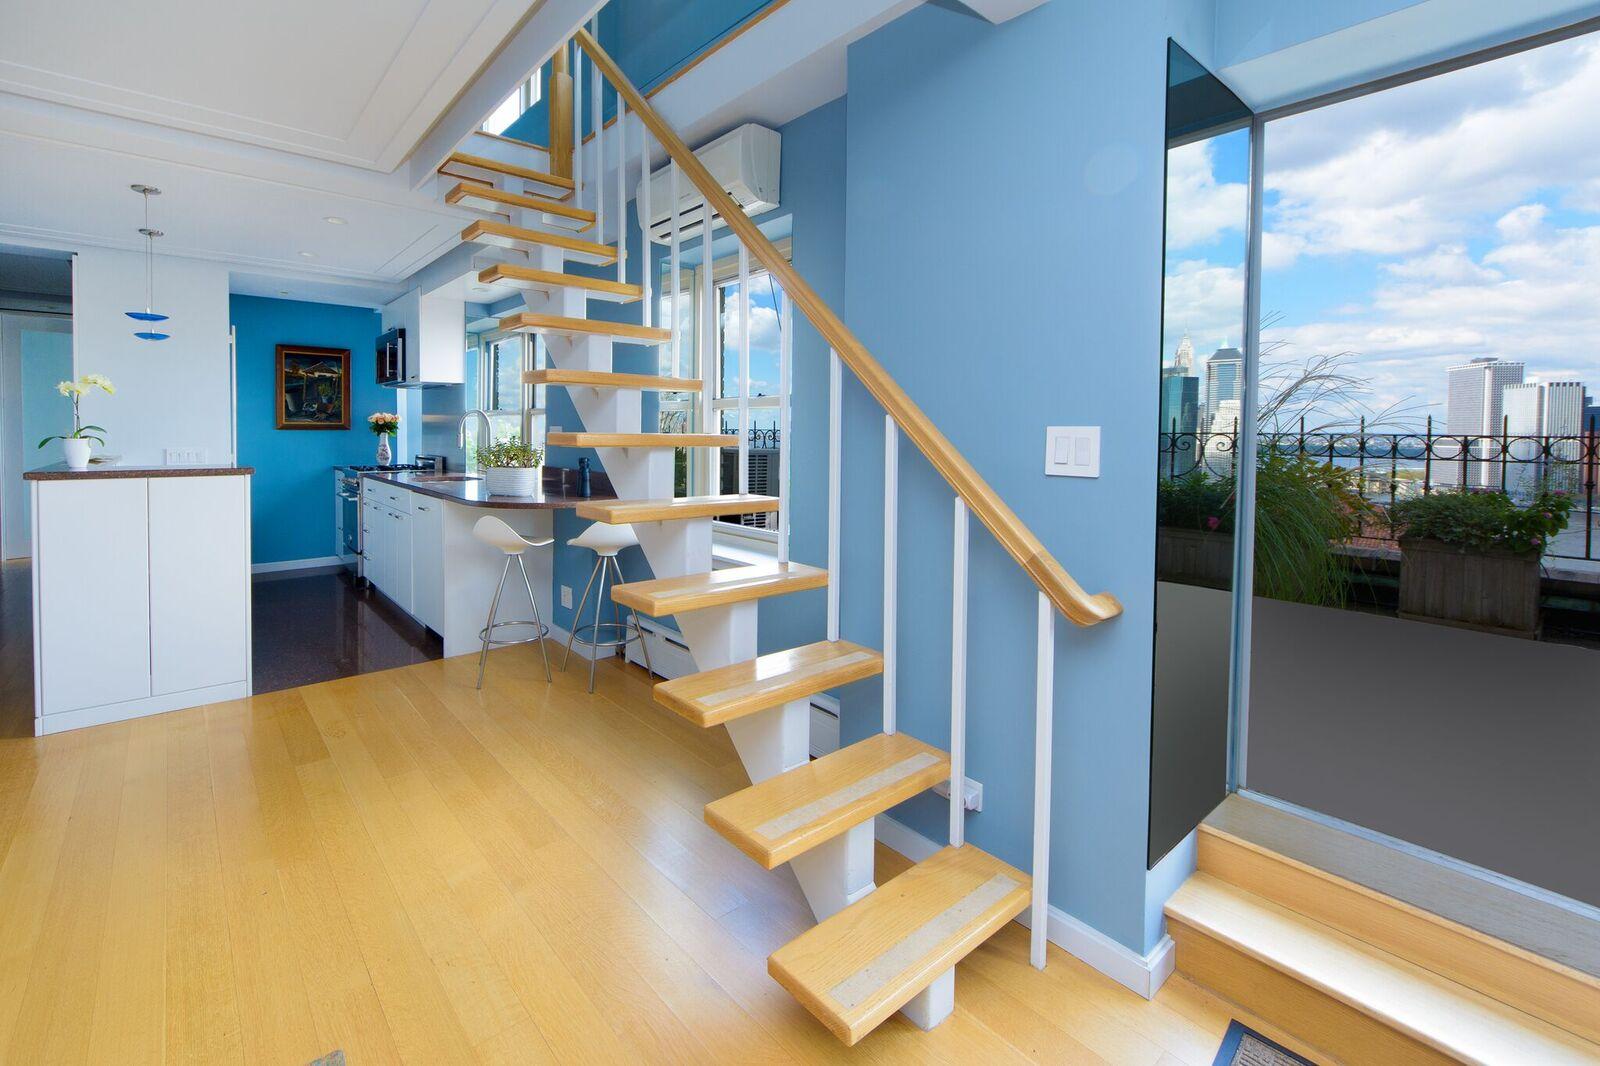 stairs:floor